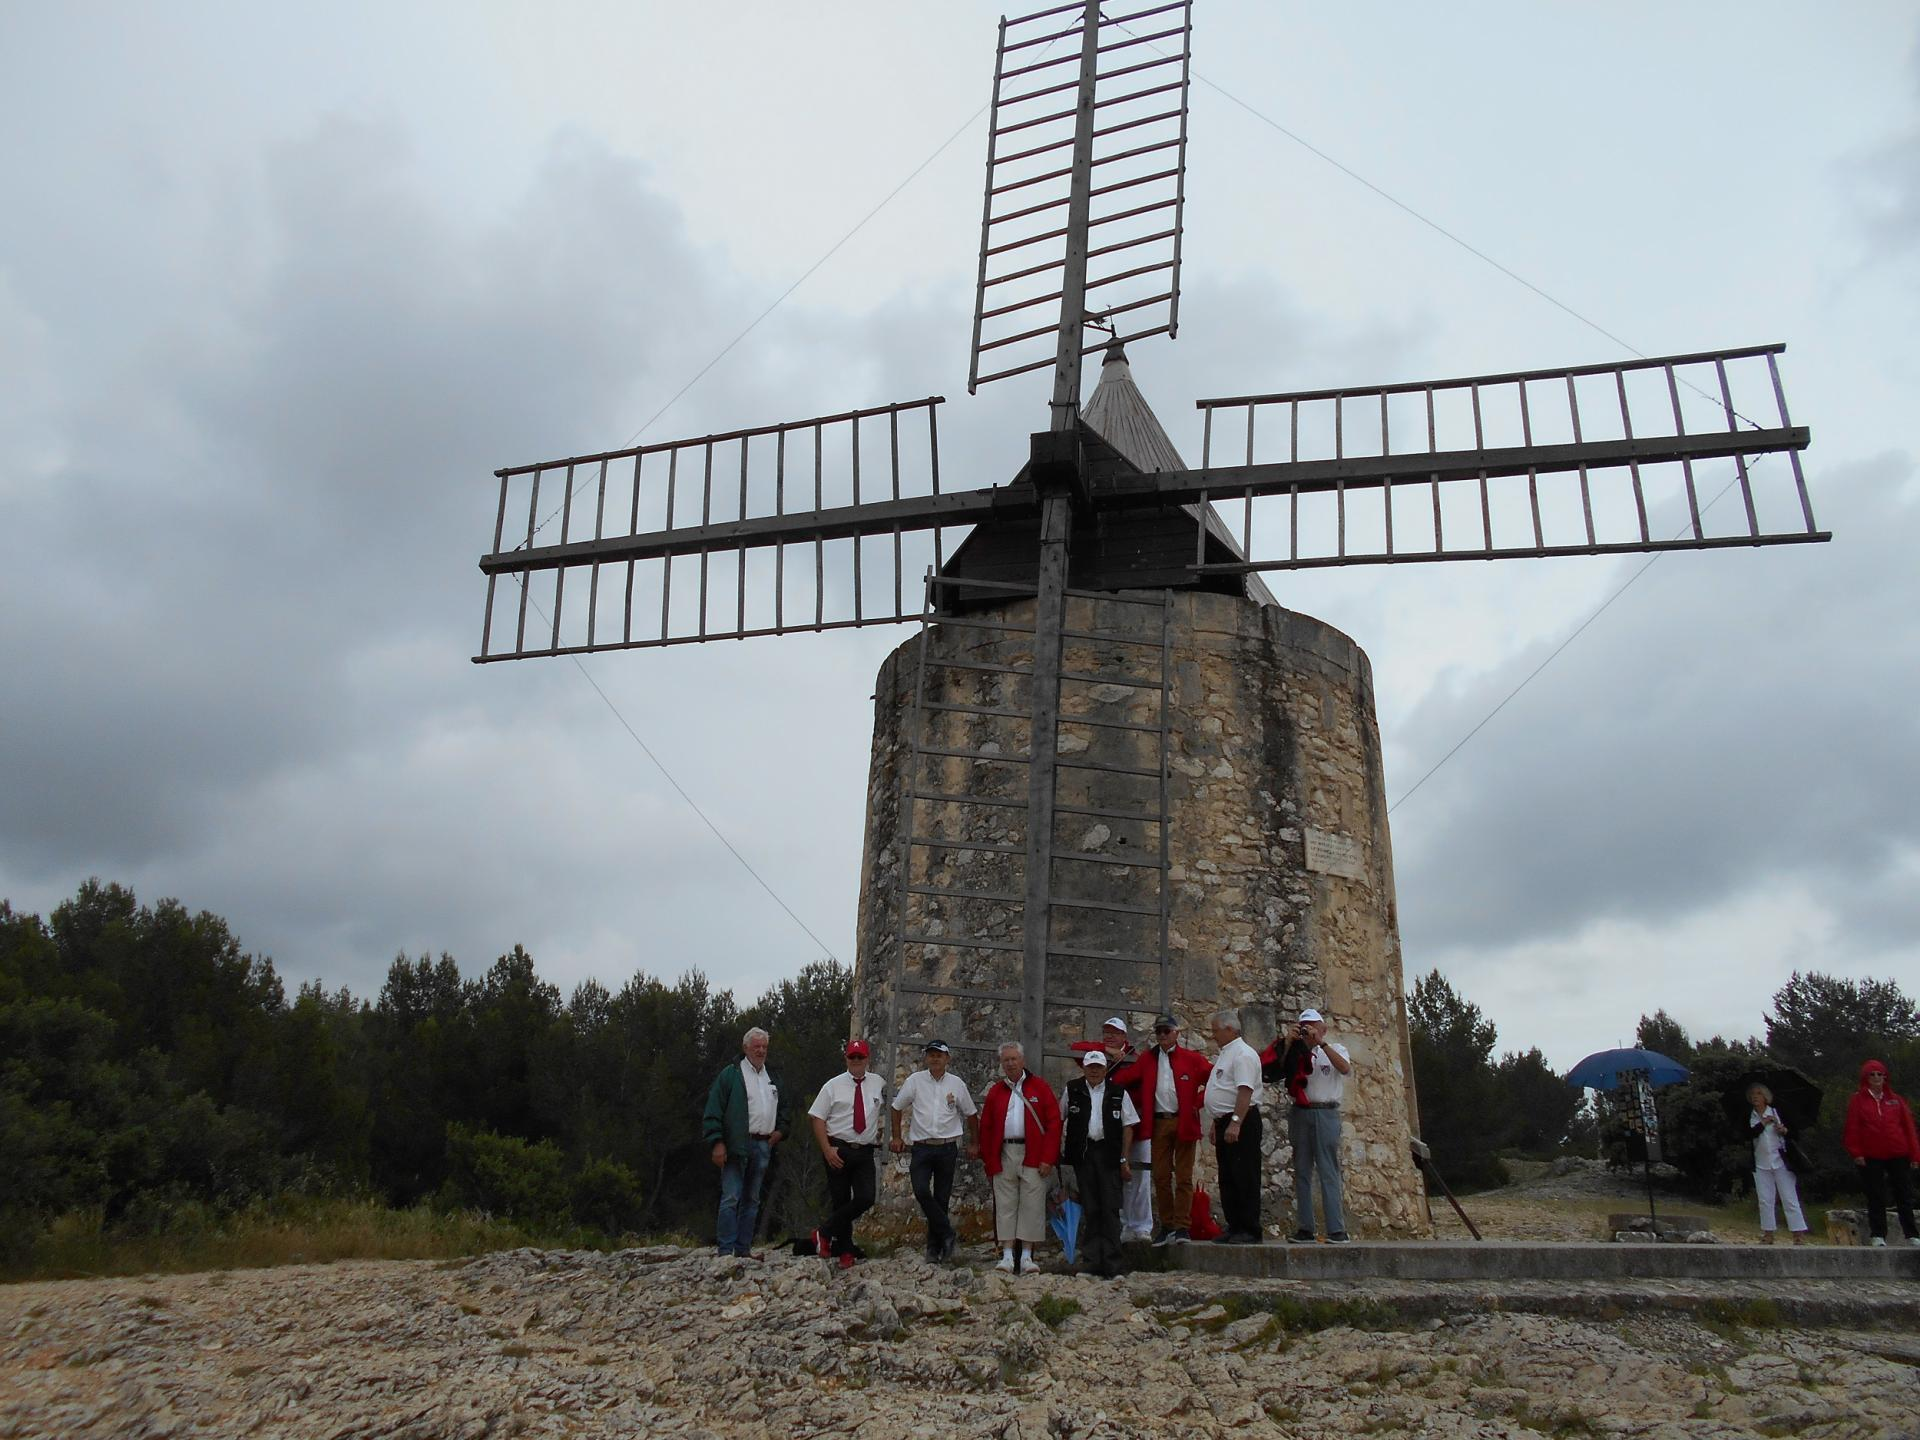 Jeudi 7 juin - Le moulin entier, c'est mieux - non ?